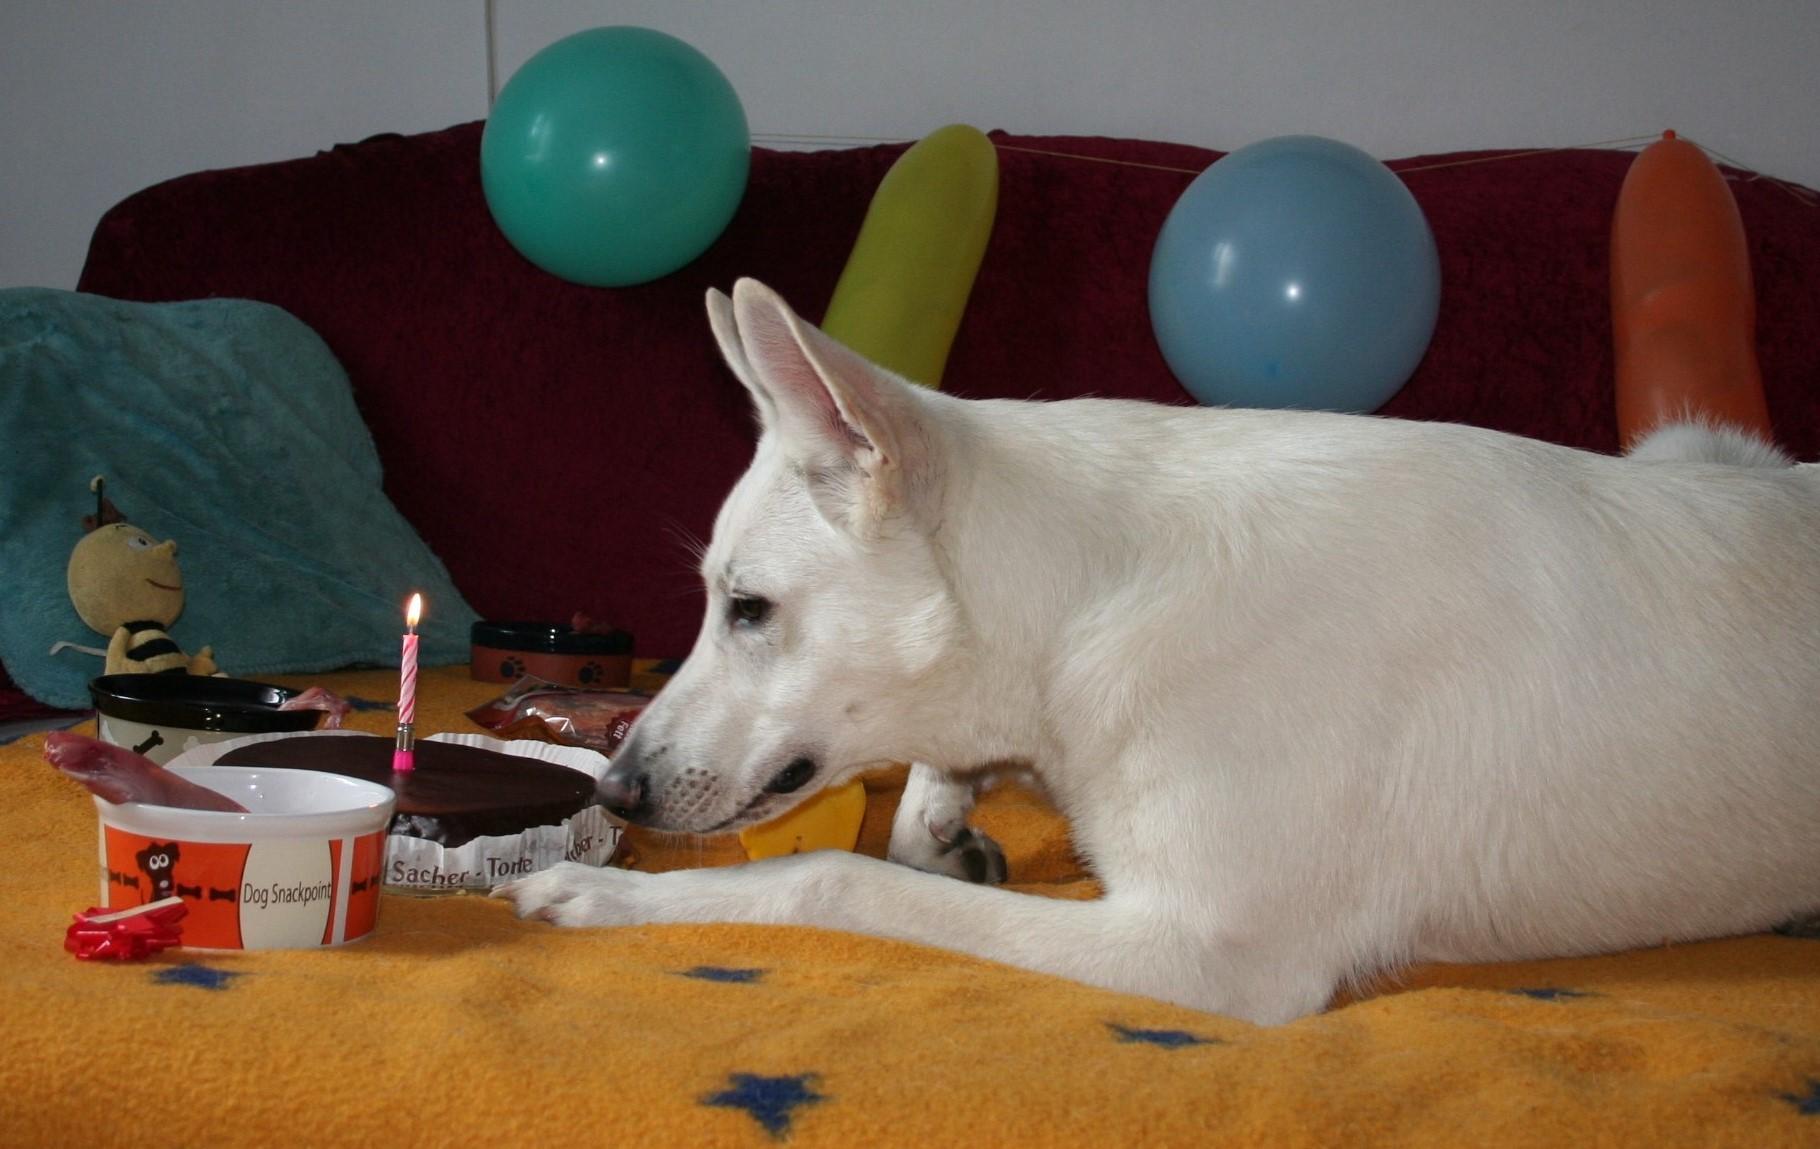 Ist die Torte für mich?